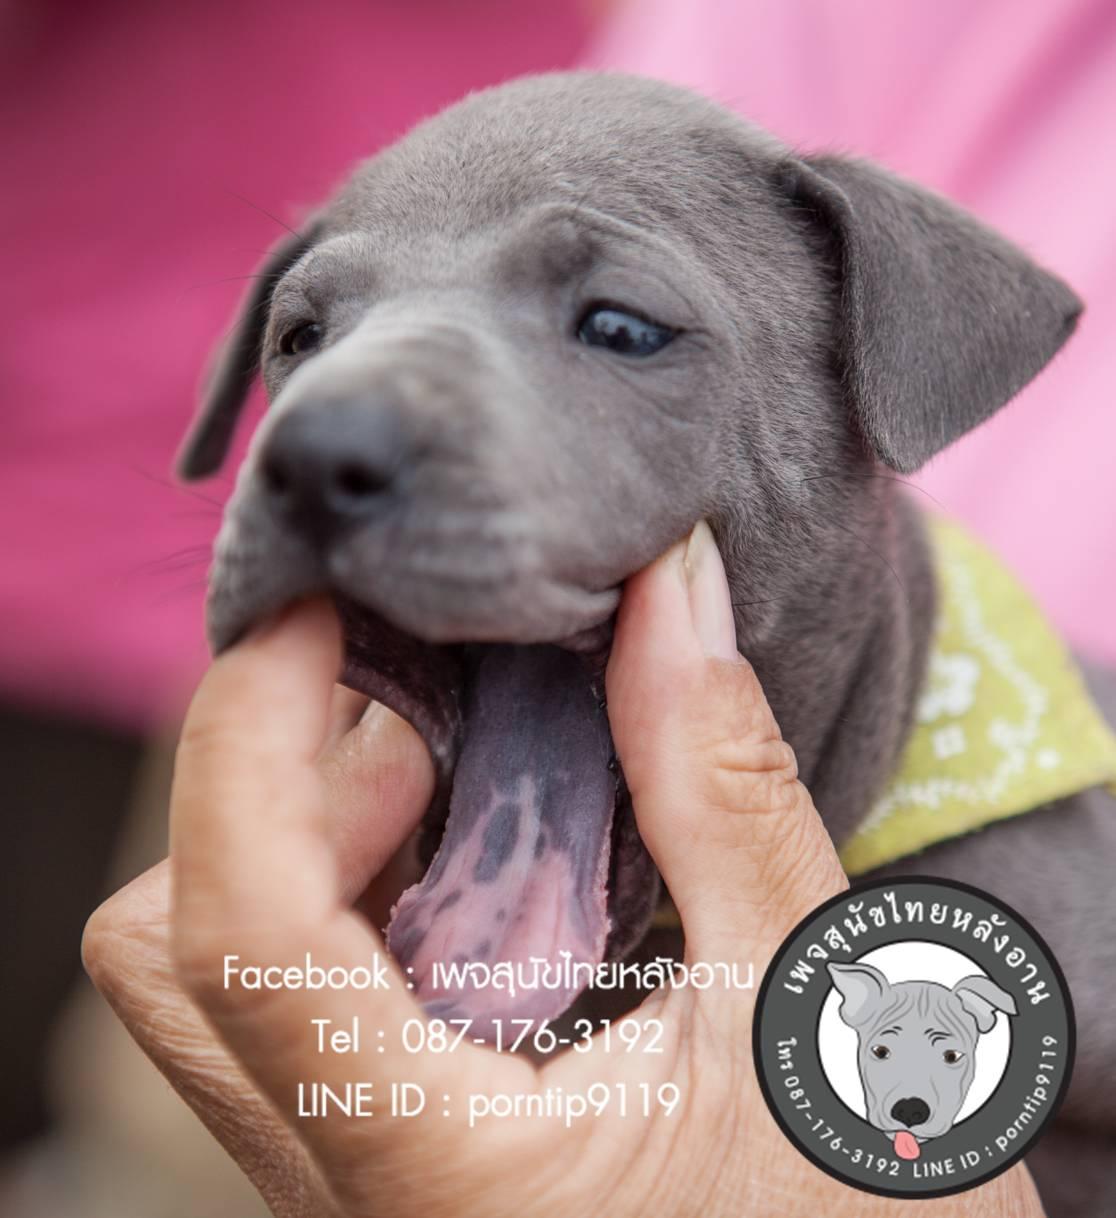 สุนัขไทยหลังอาน ขายสุนัขไทยหลังอาน   ลูกสุนัขไทยหลังอานnet-0105